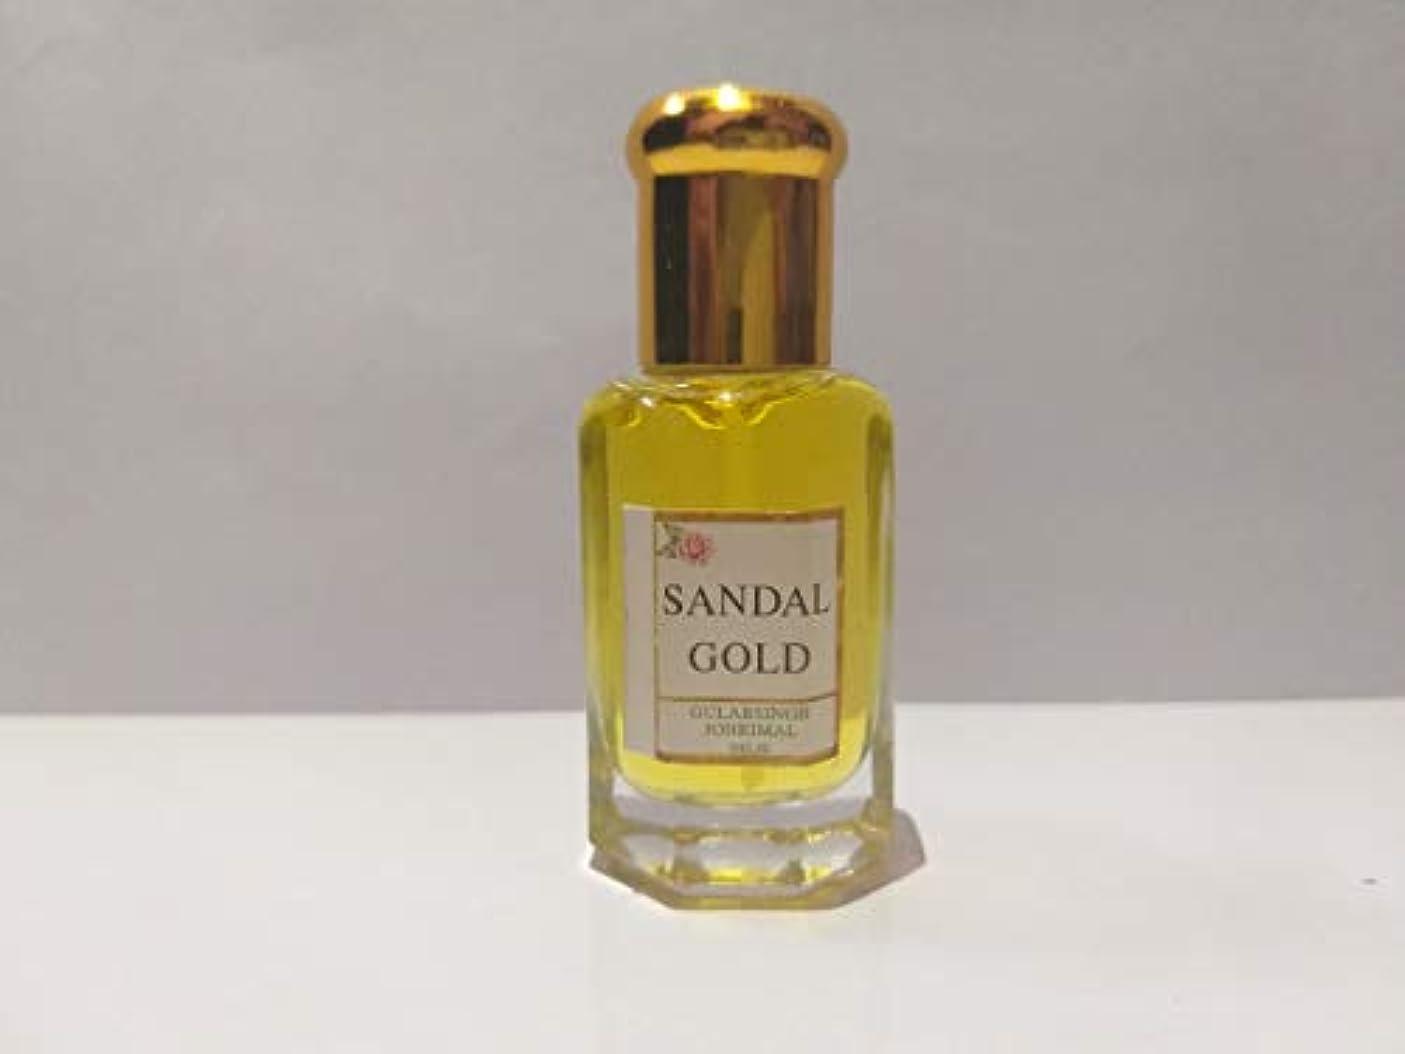 未使用基礎理論中古Sandal/白檀 / Chandan Attar/Ittar concentrated Perfume Oil - 10ml Beautiful Aroma